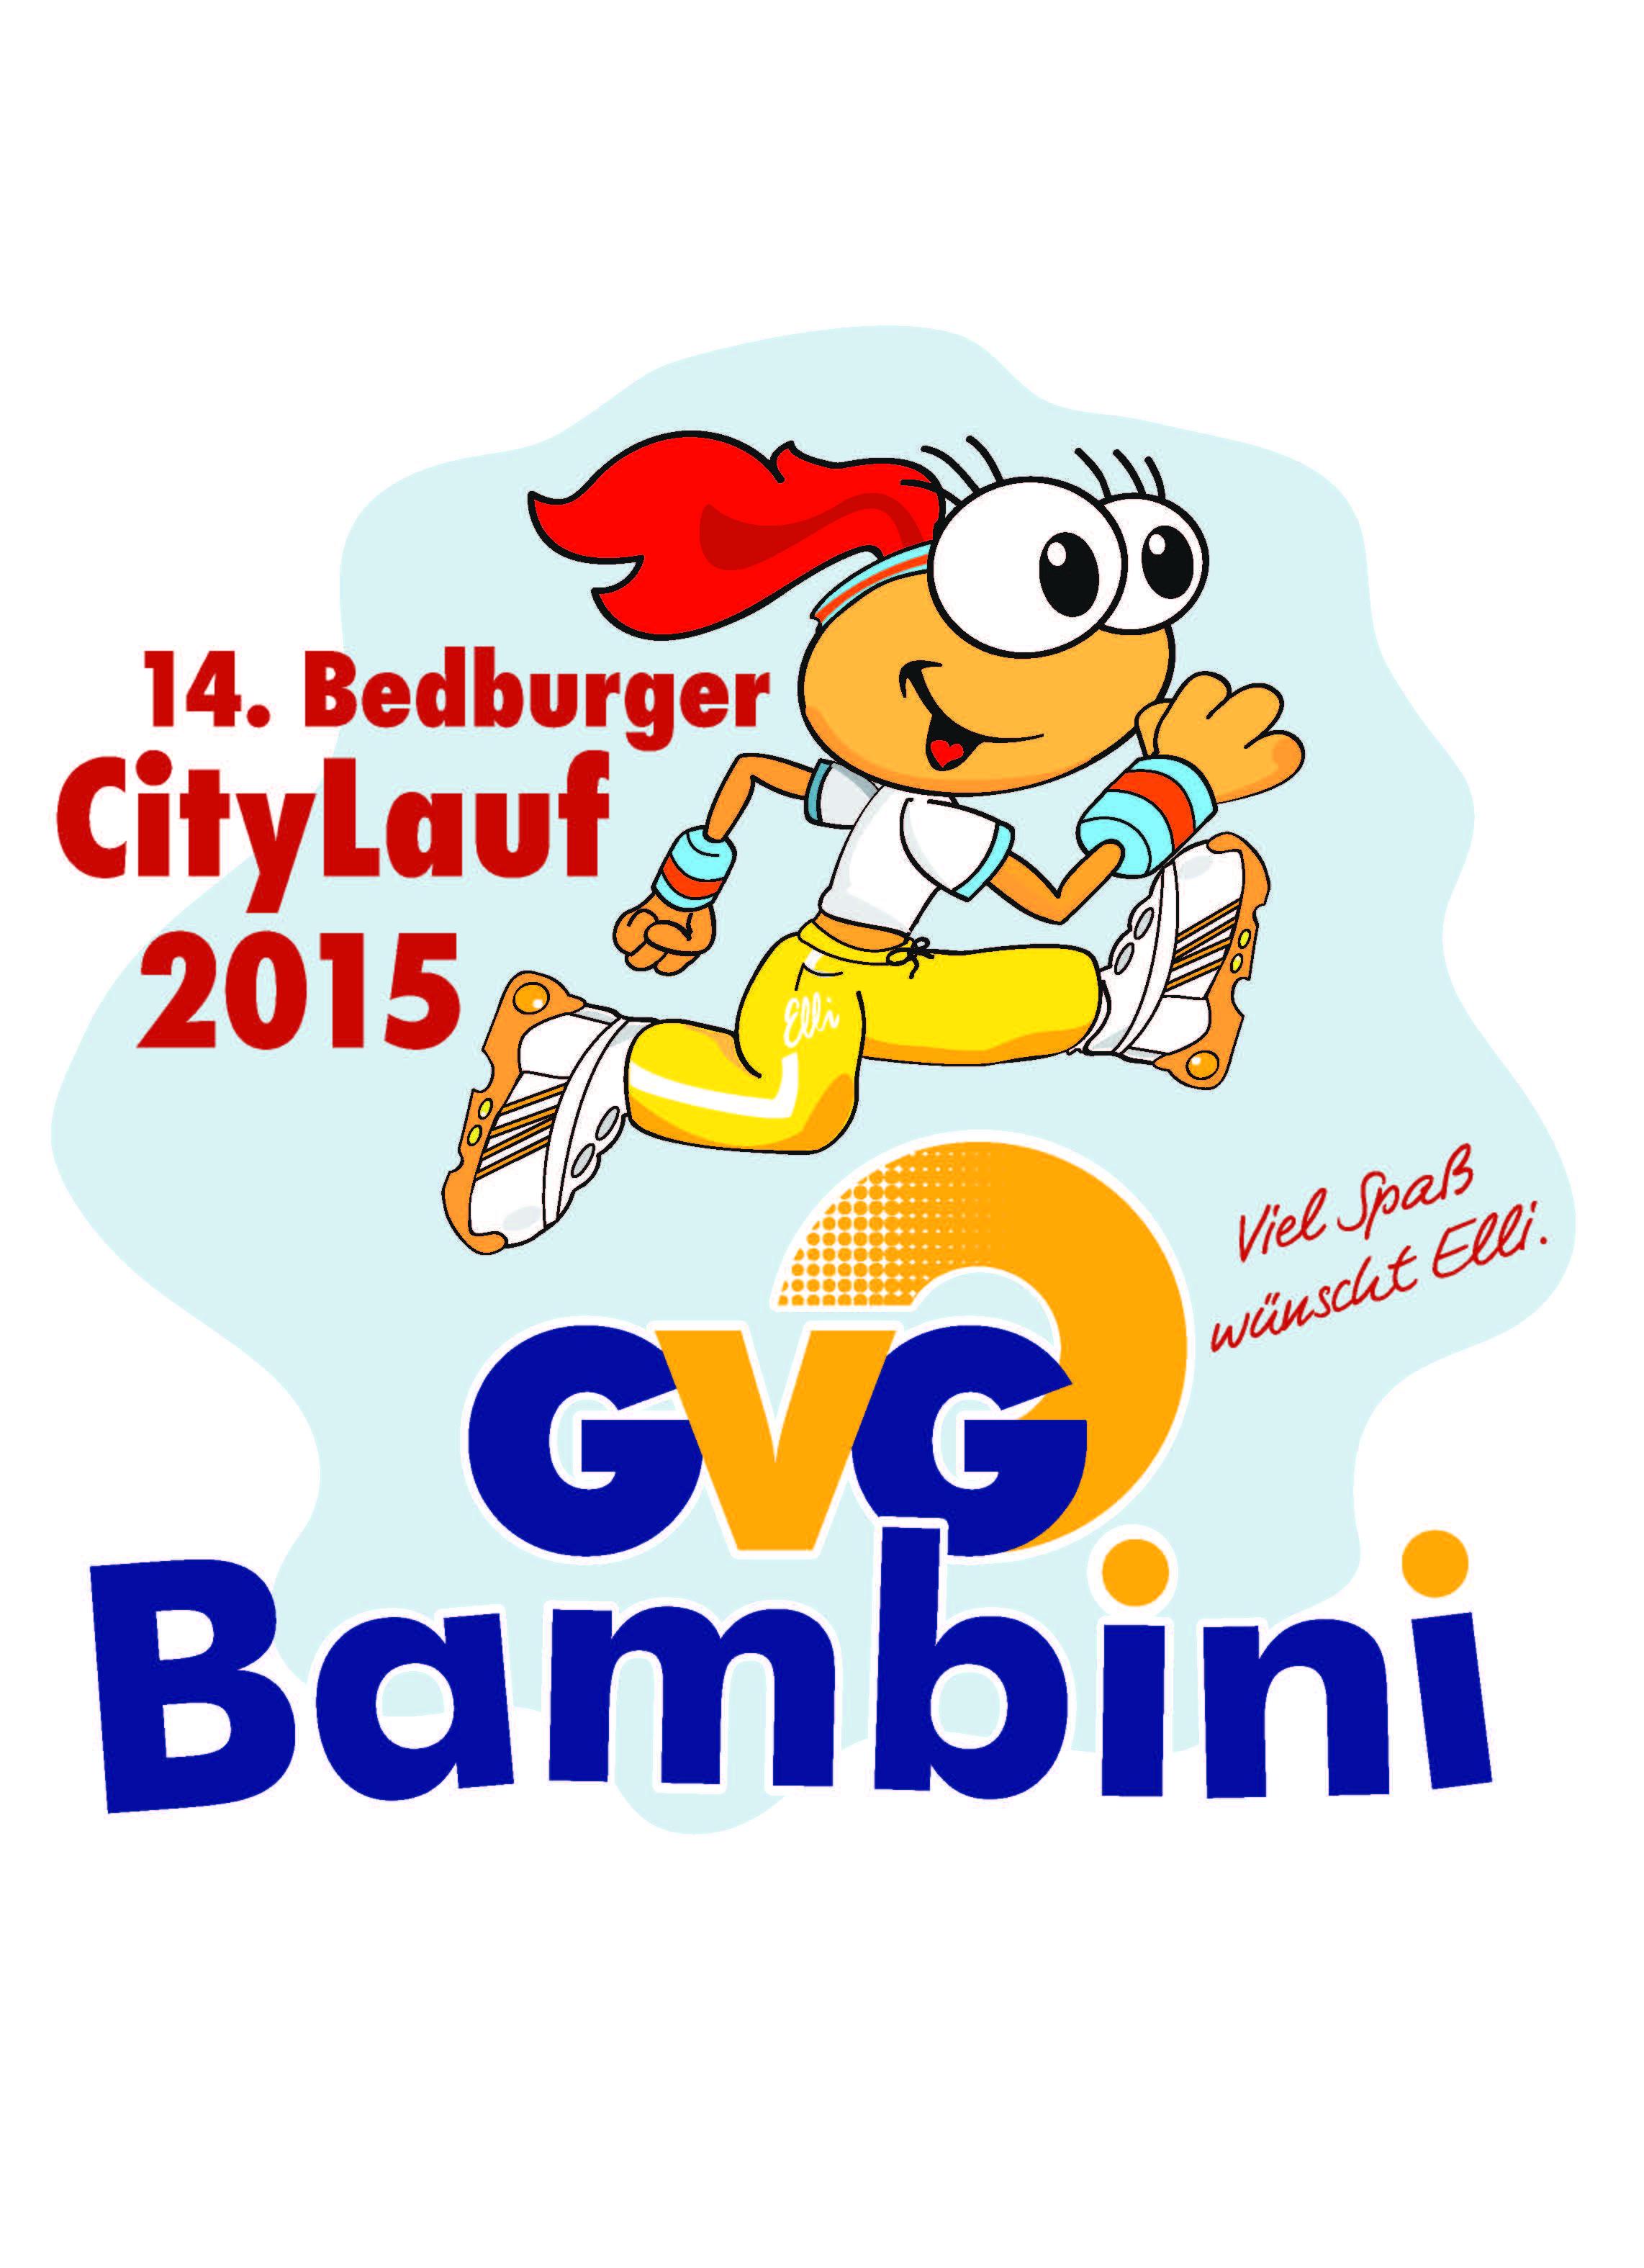 Bambini-T-Shirt_2015